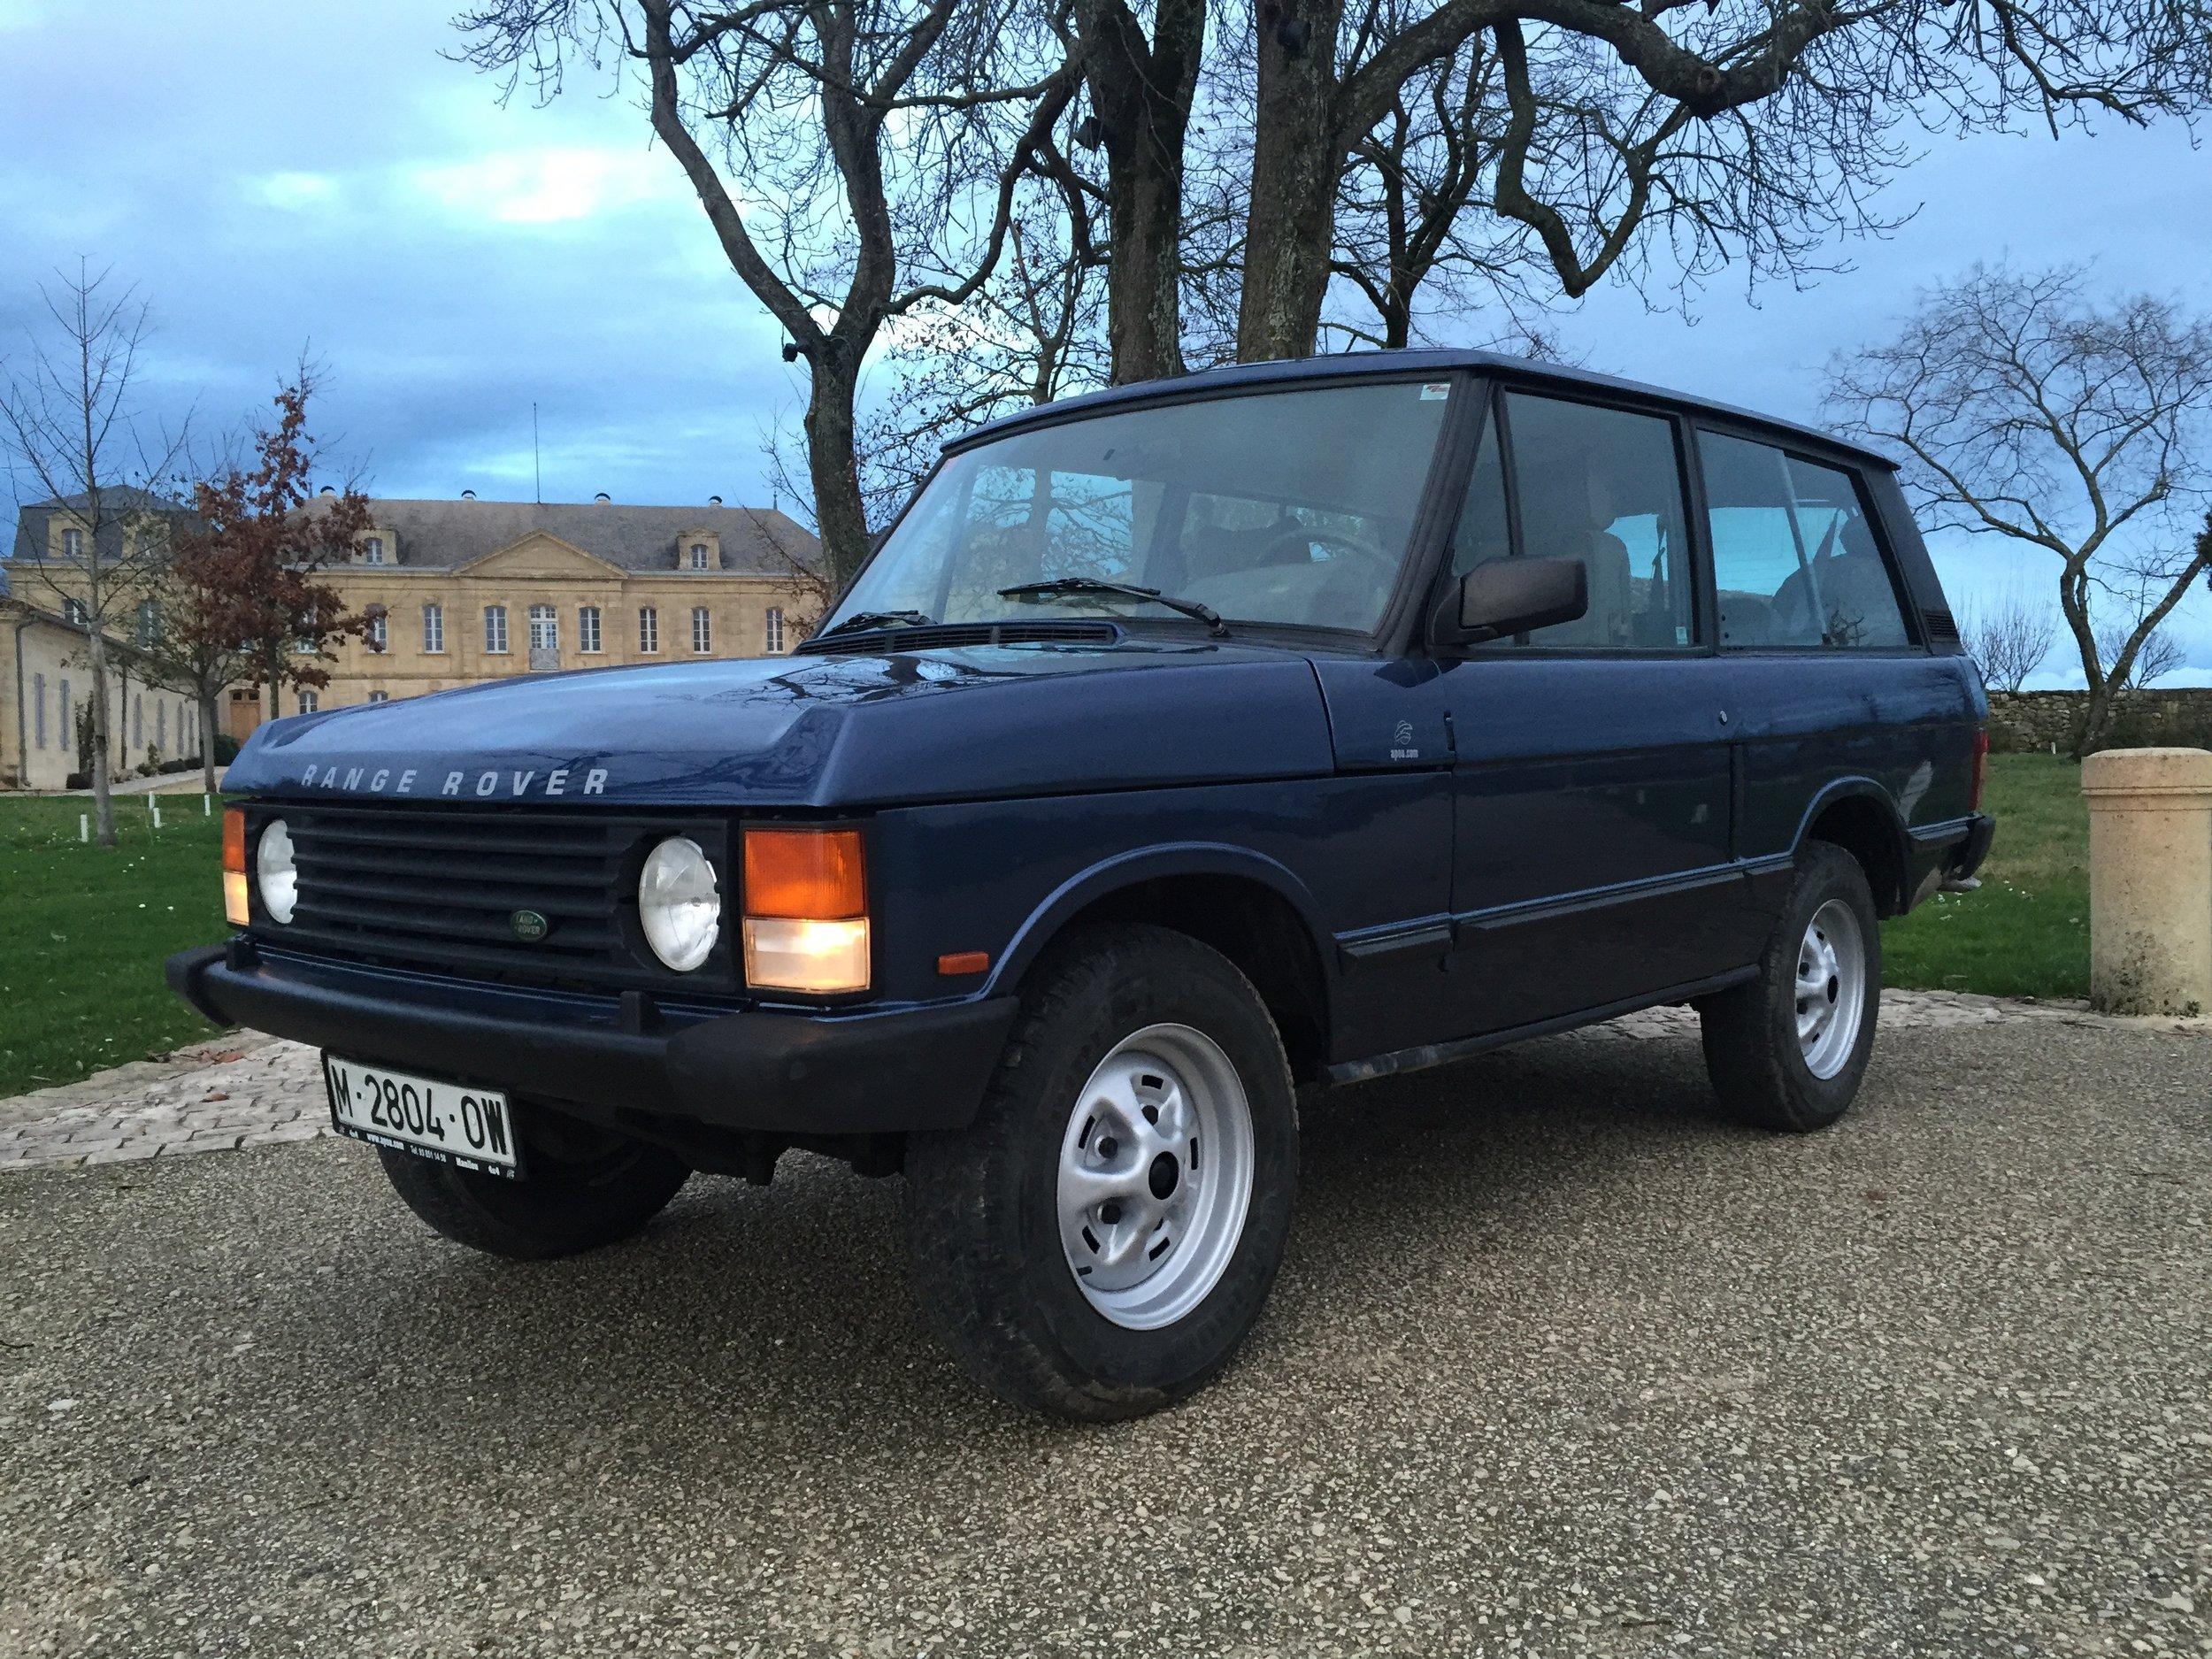 Range Rover 2 Door 1994 SOLD — Samuel Lloyd & Co